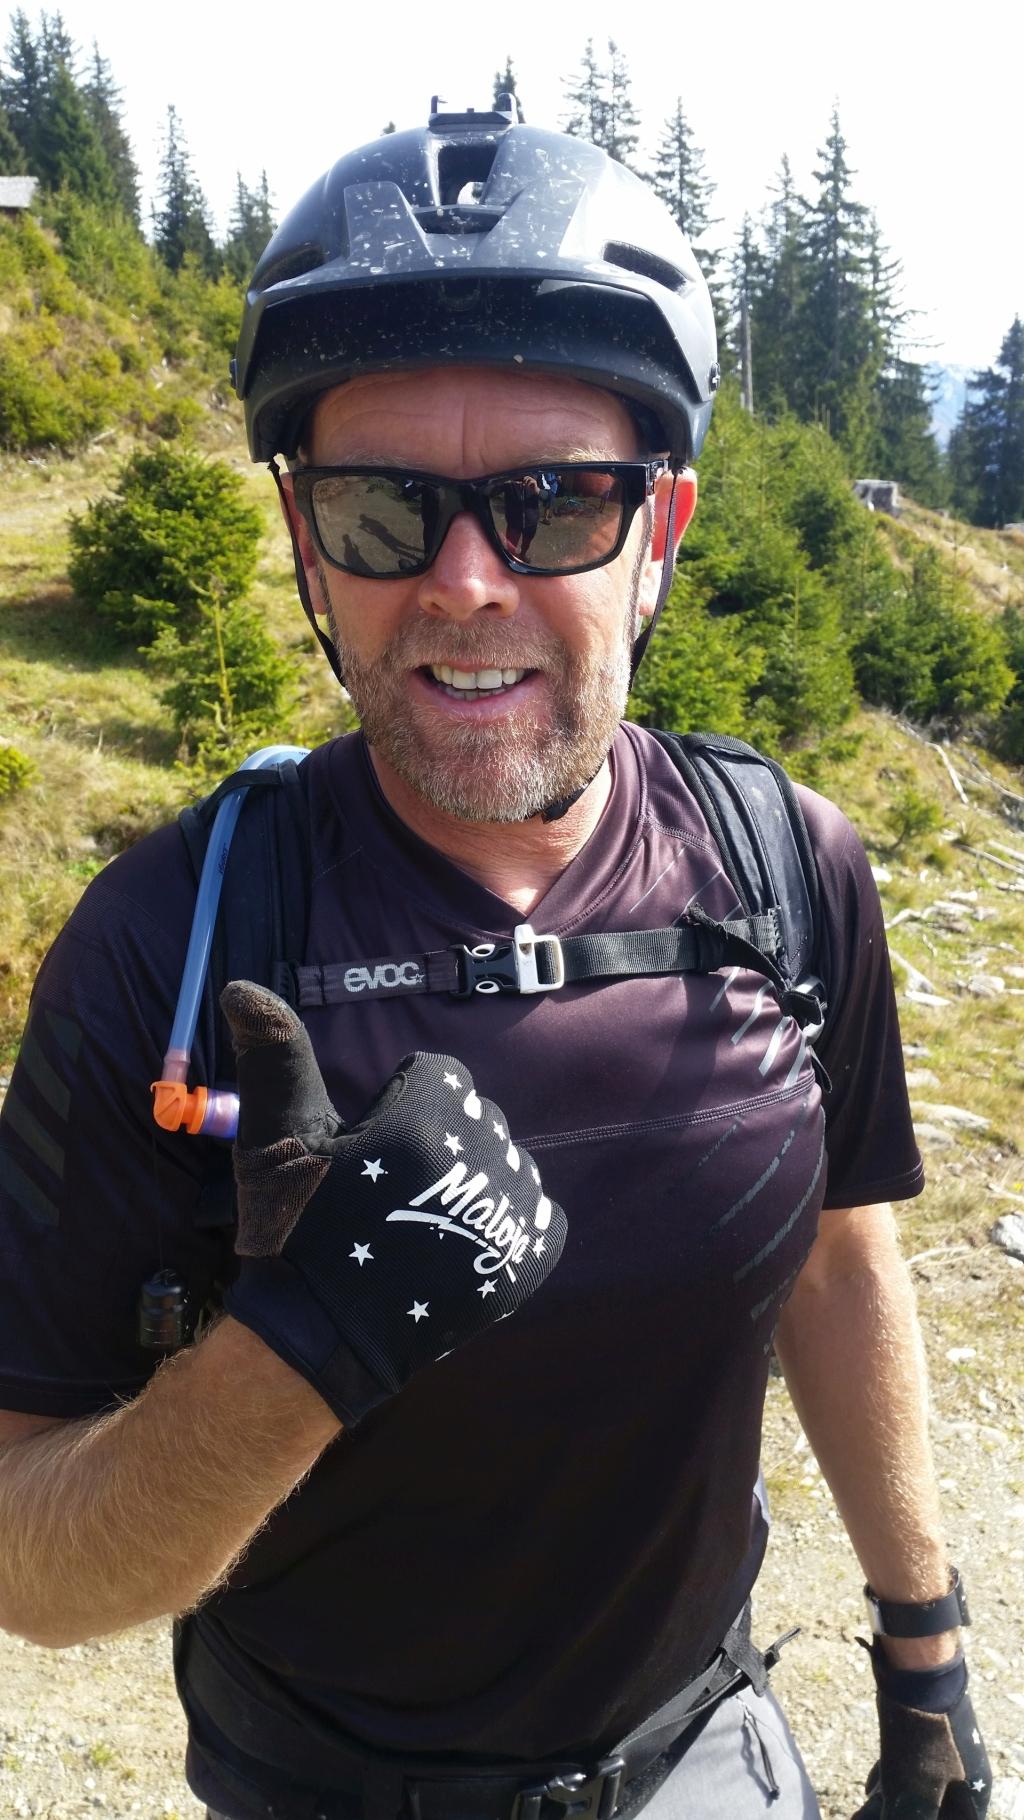 Robert, ausgebildeter MTB-Guide im Almhof